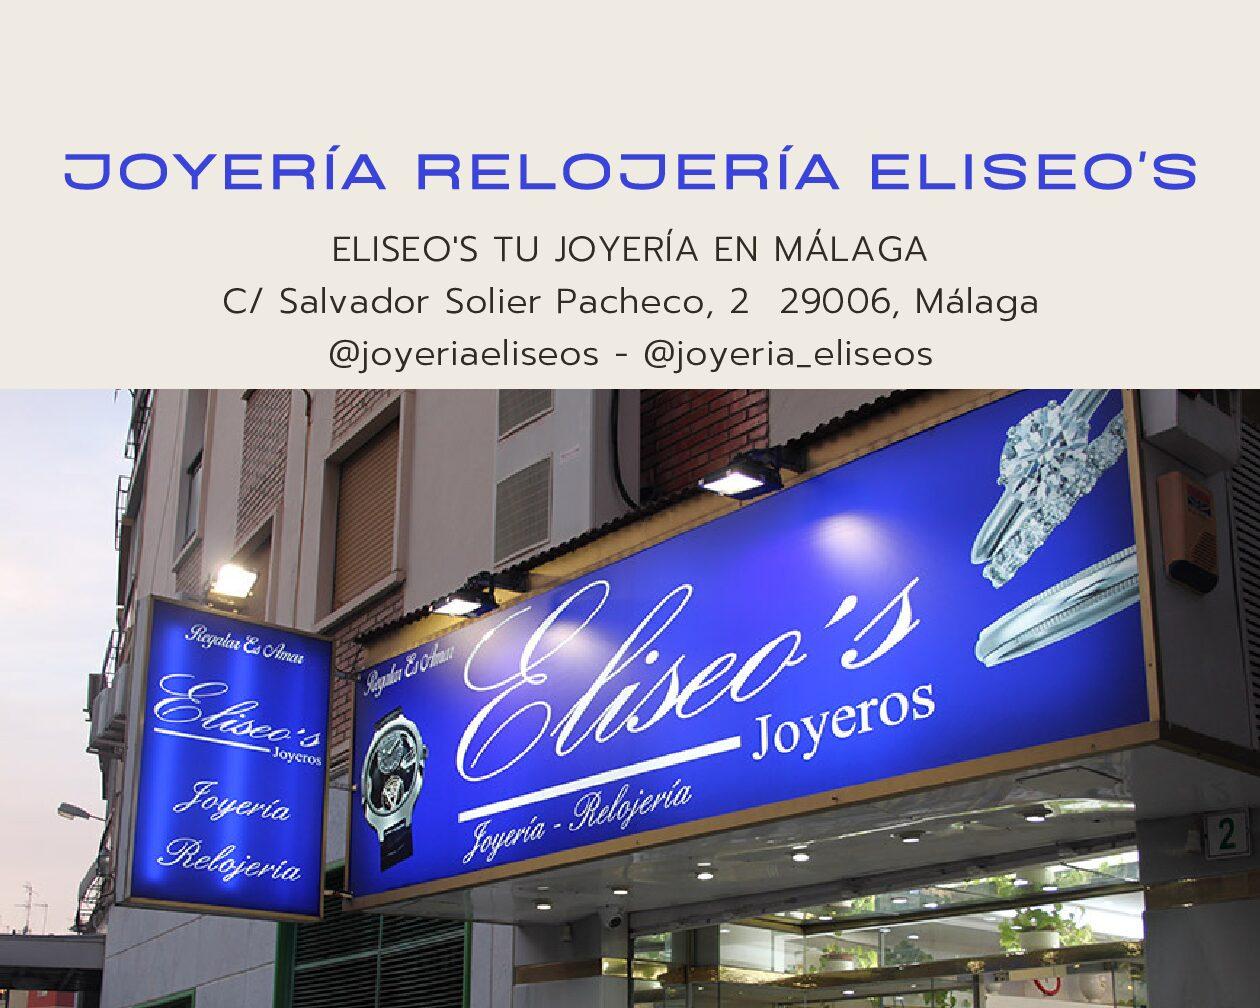 Eliseo's tu Joyería en Málaga desde 1983